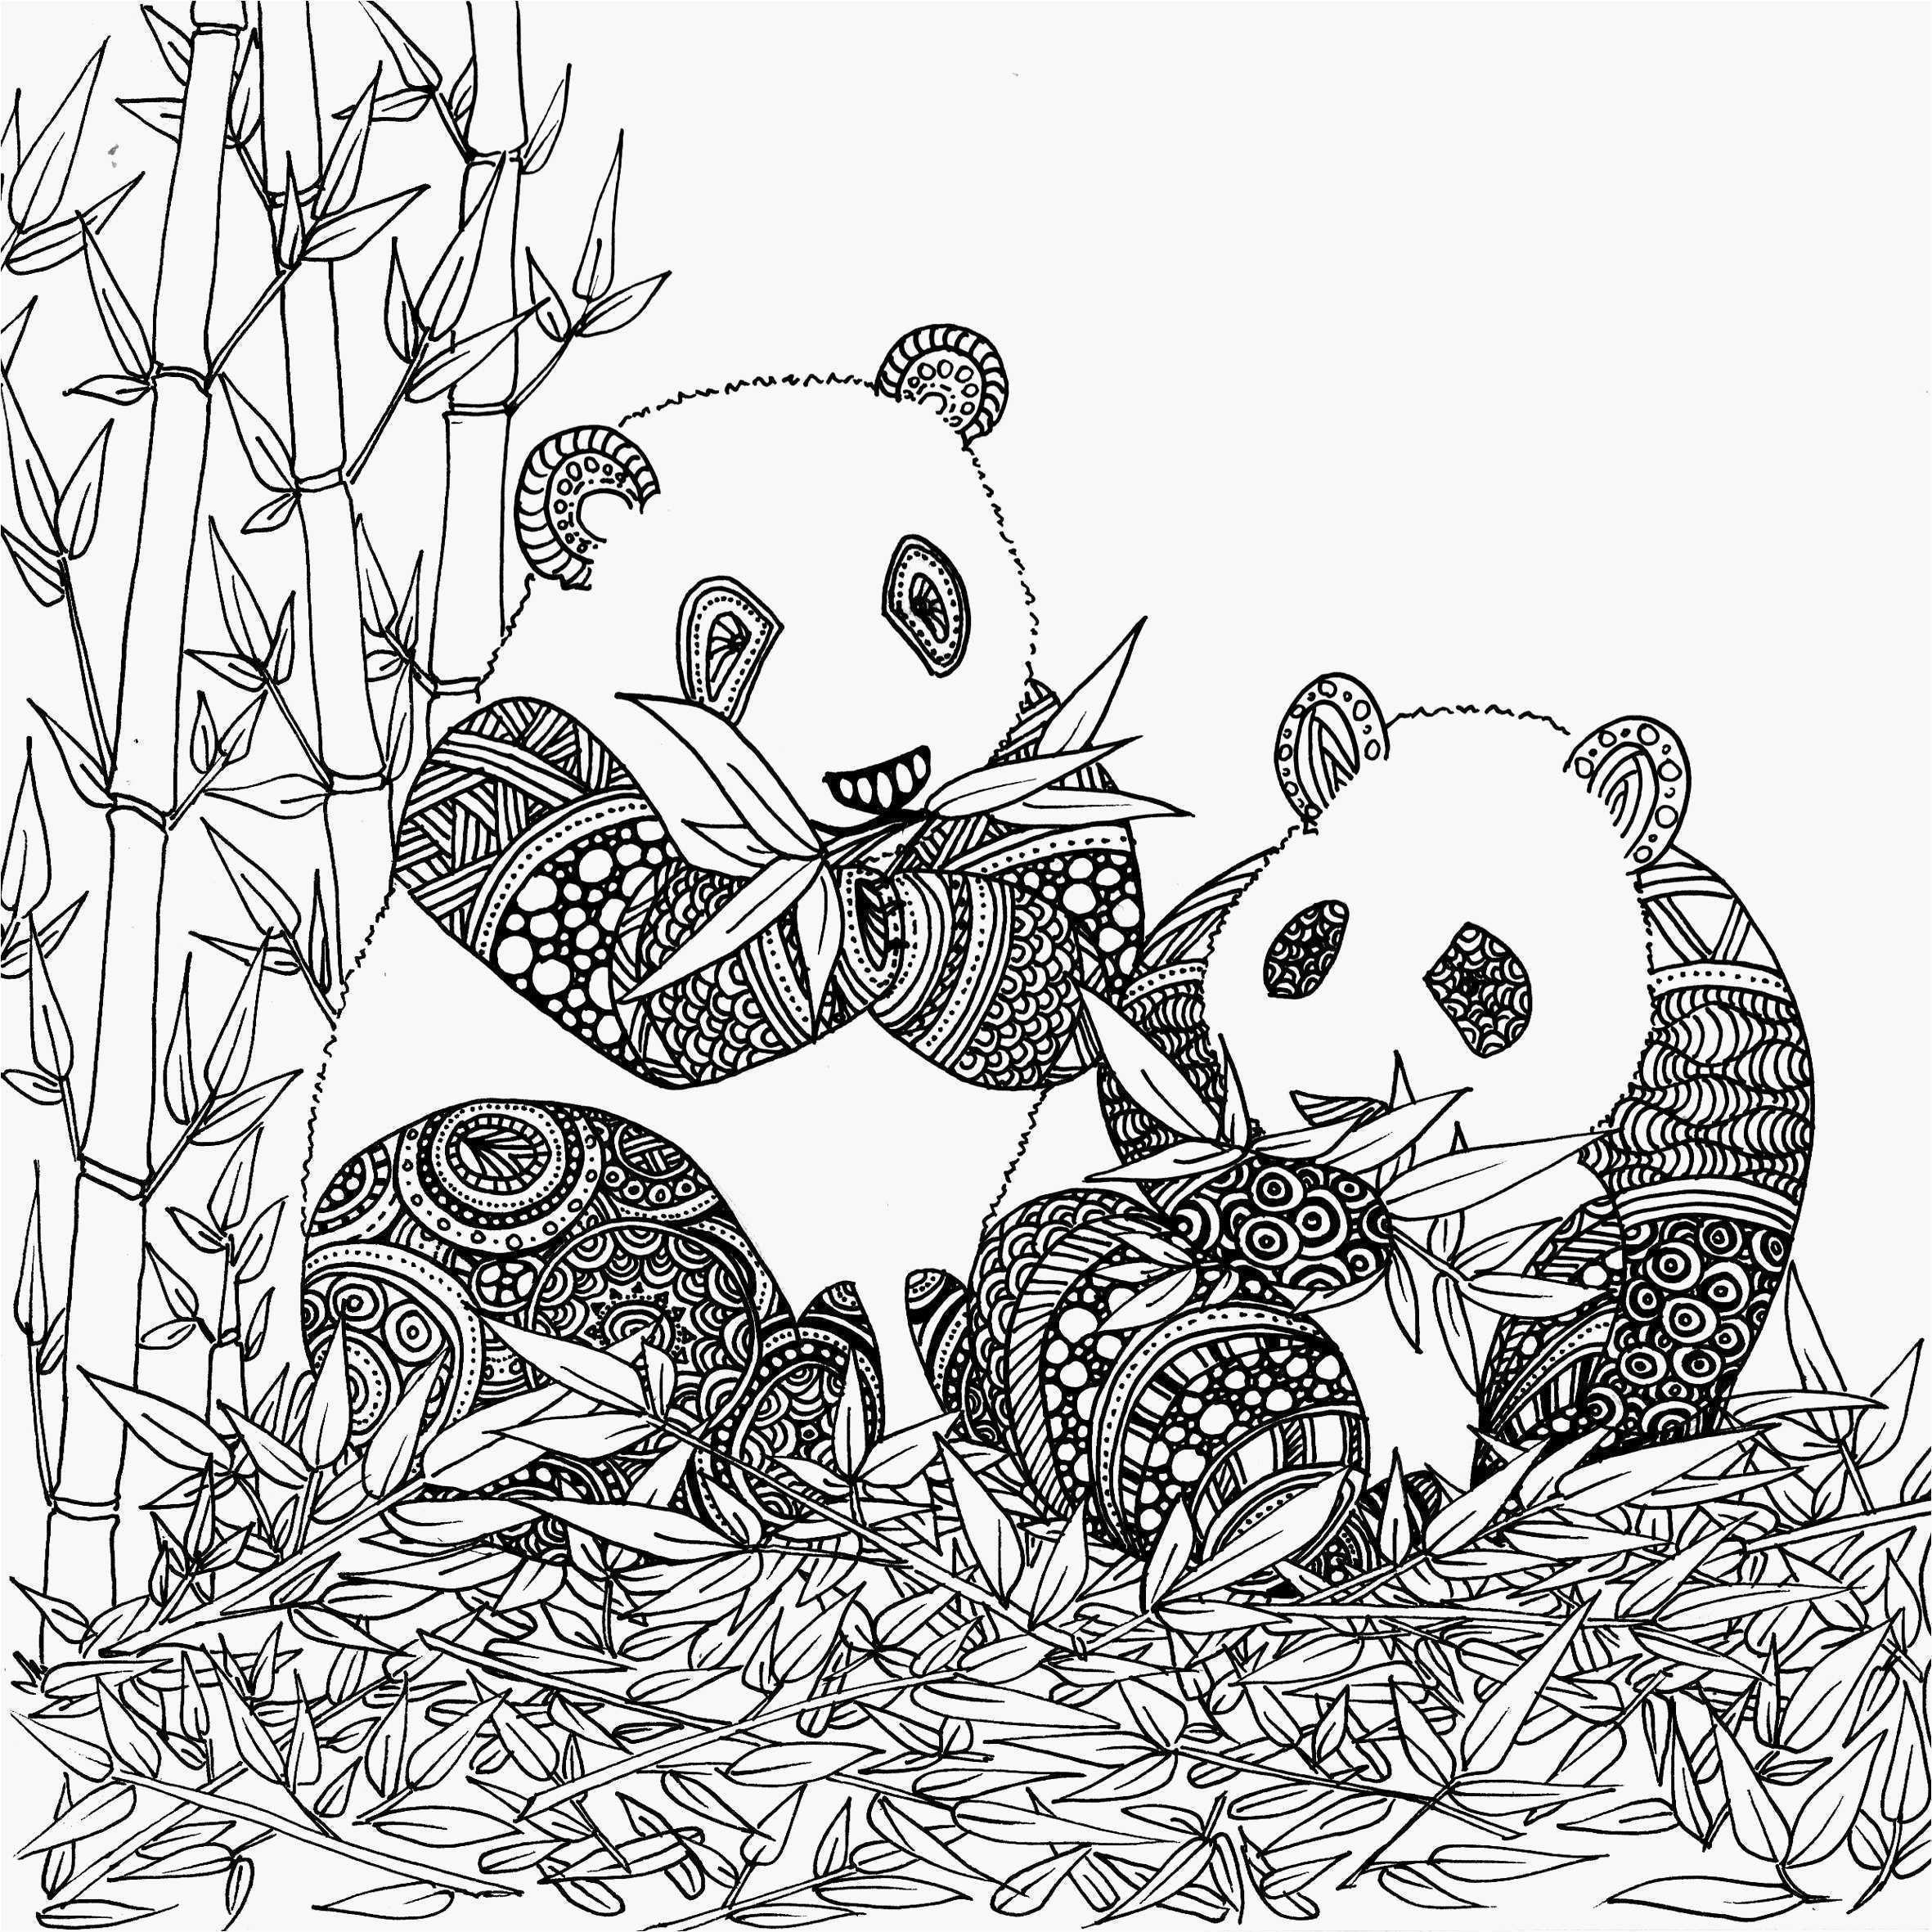 становится картинки раскраски панд целом